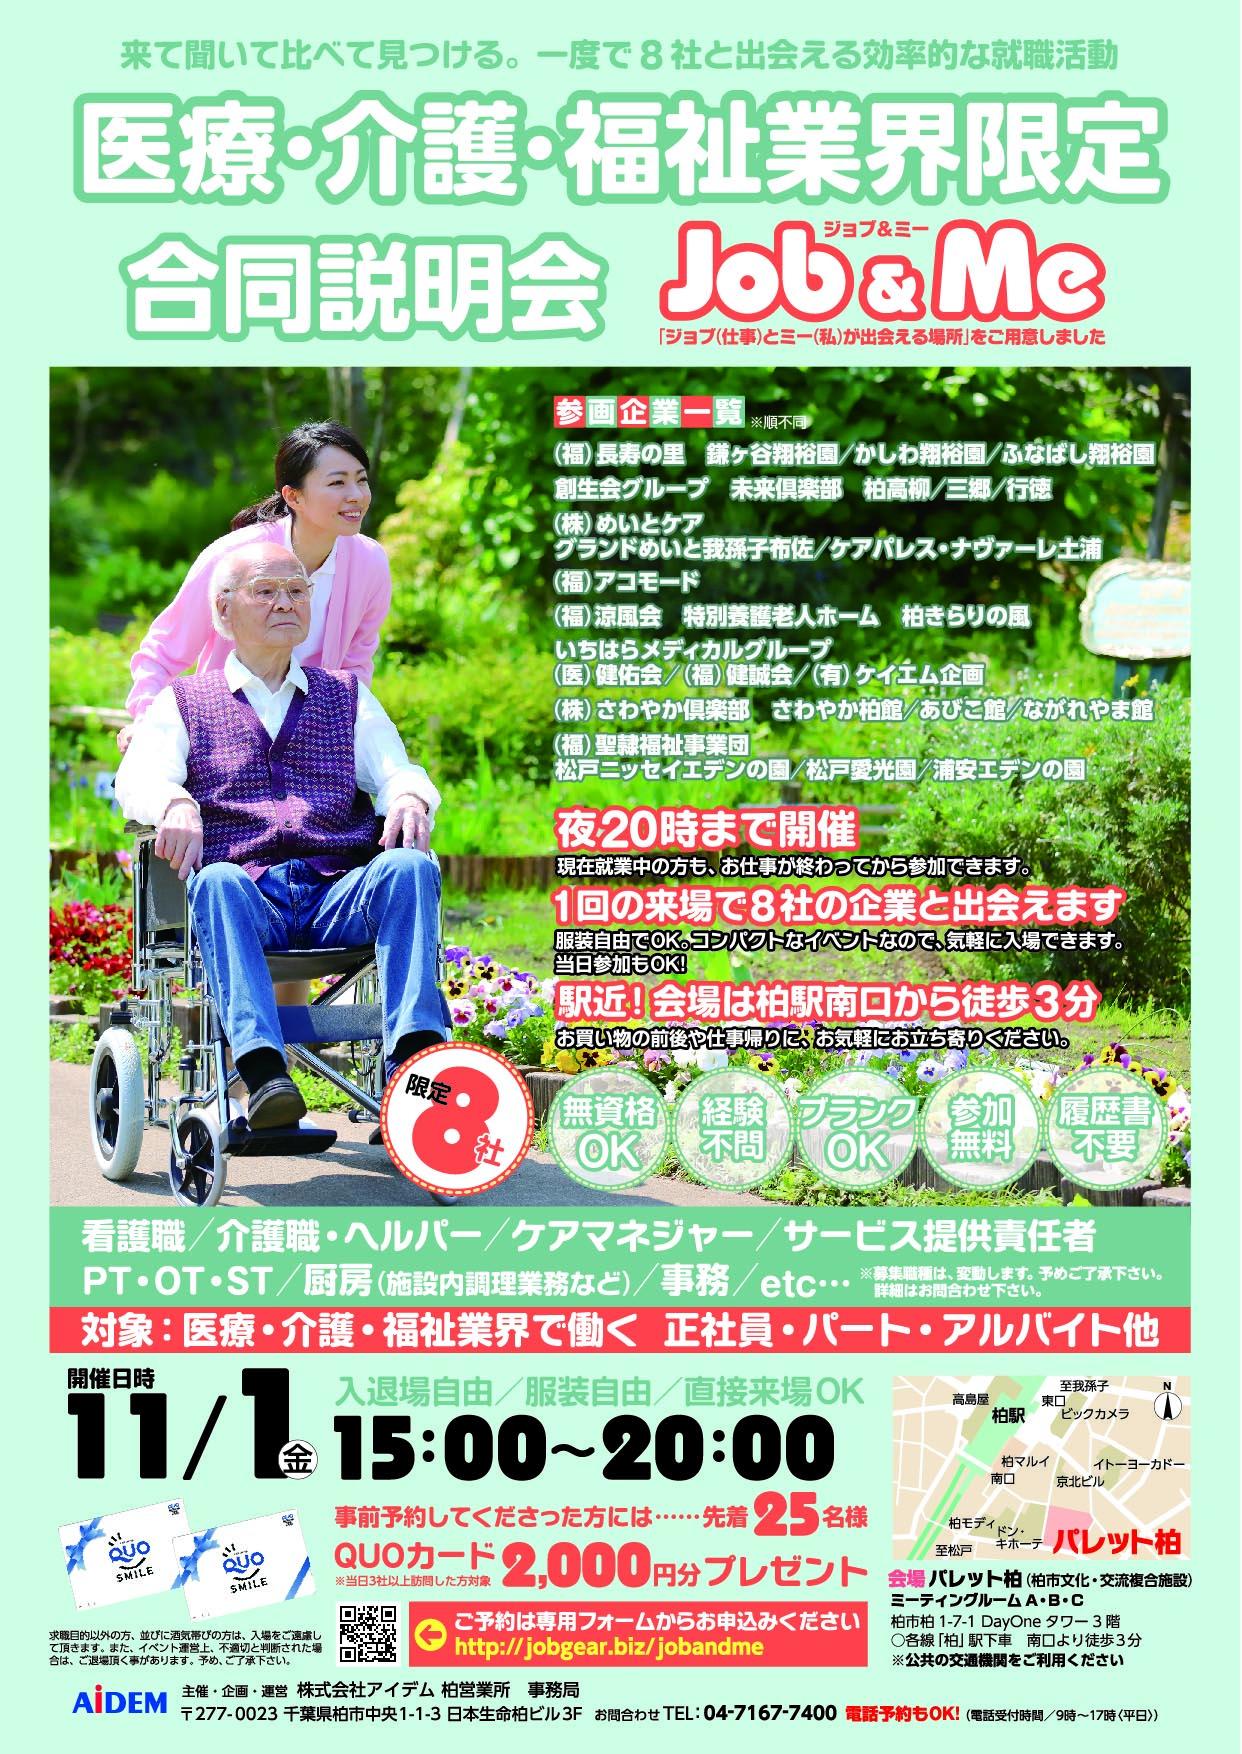 【11/1(金)柏駅にて合同説明会開催】